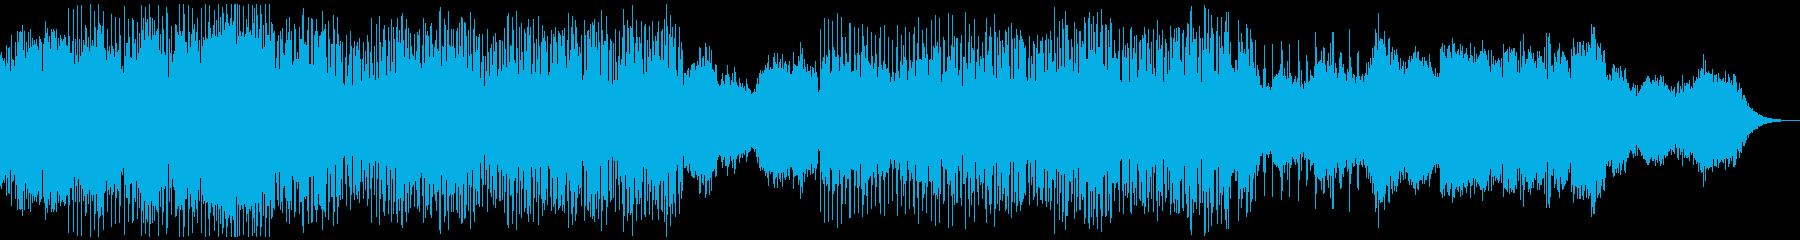 Micro Cosmosの再生済みの波形